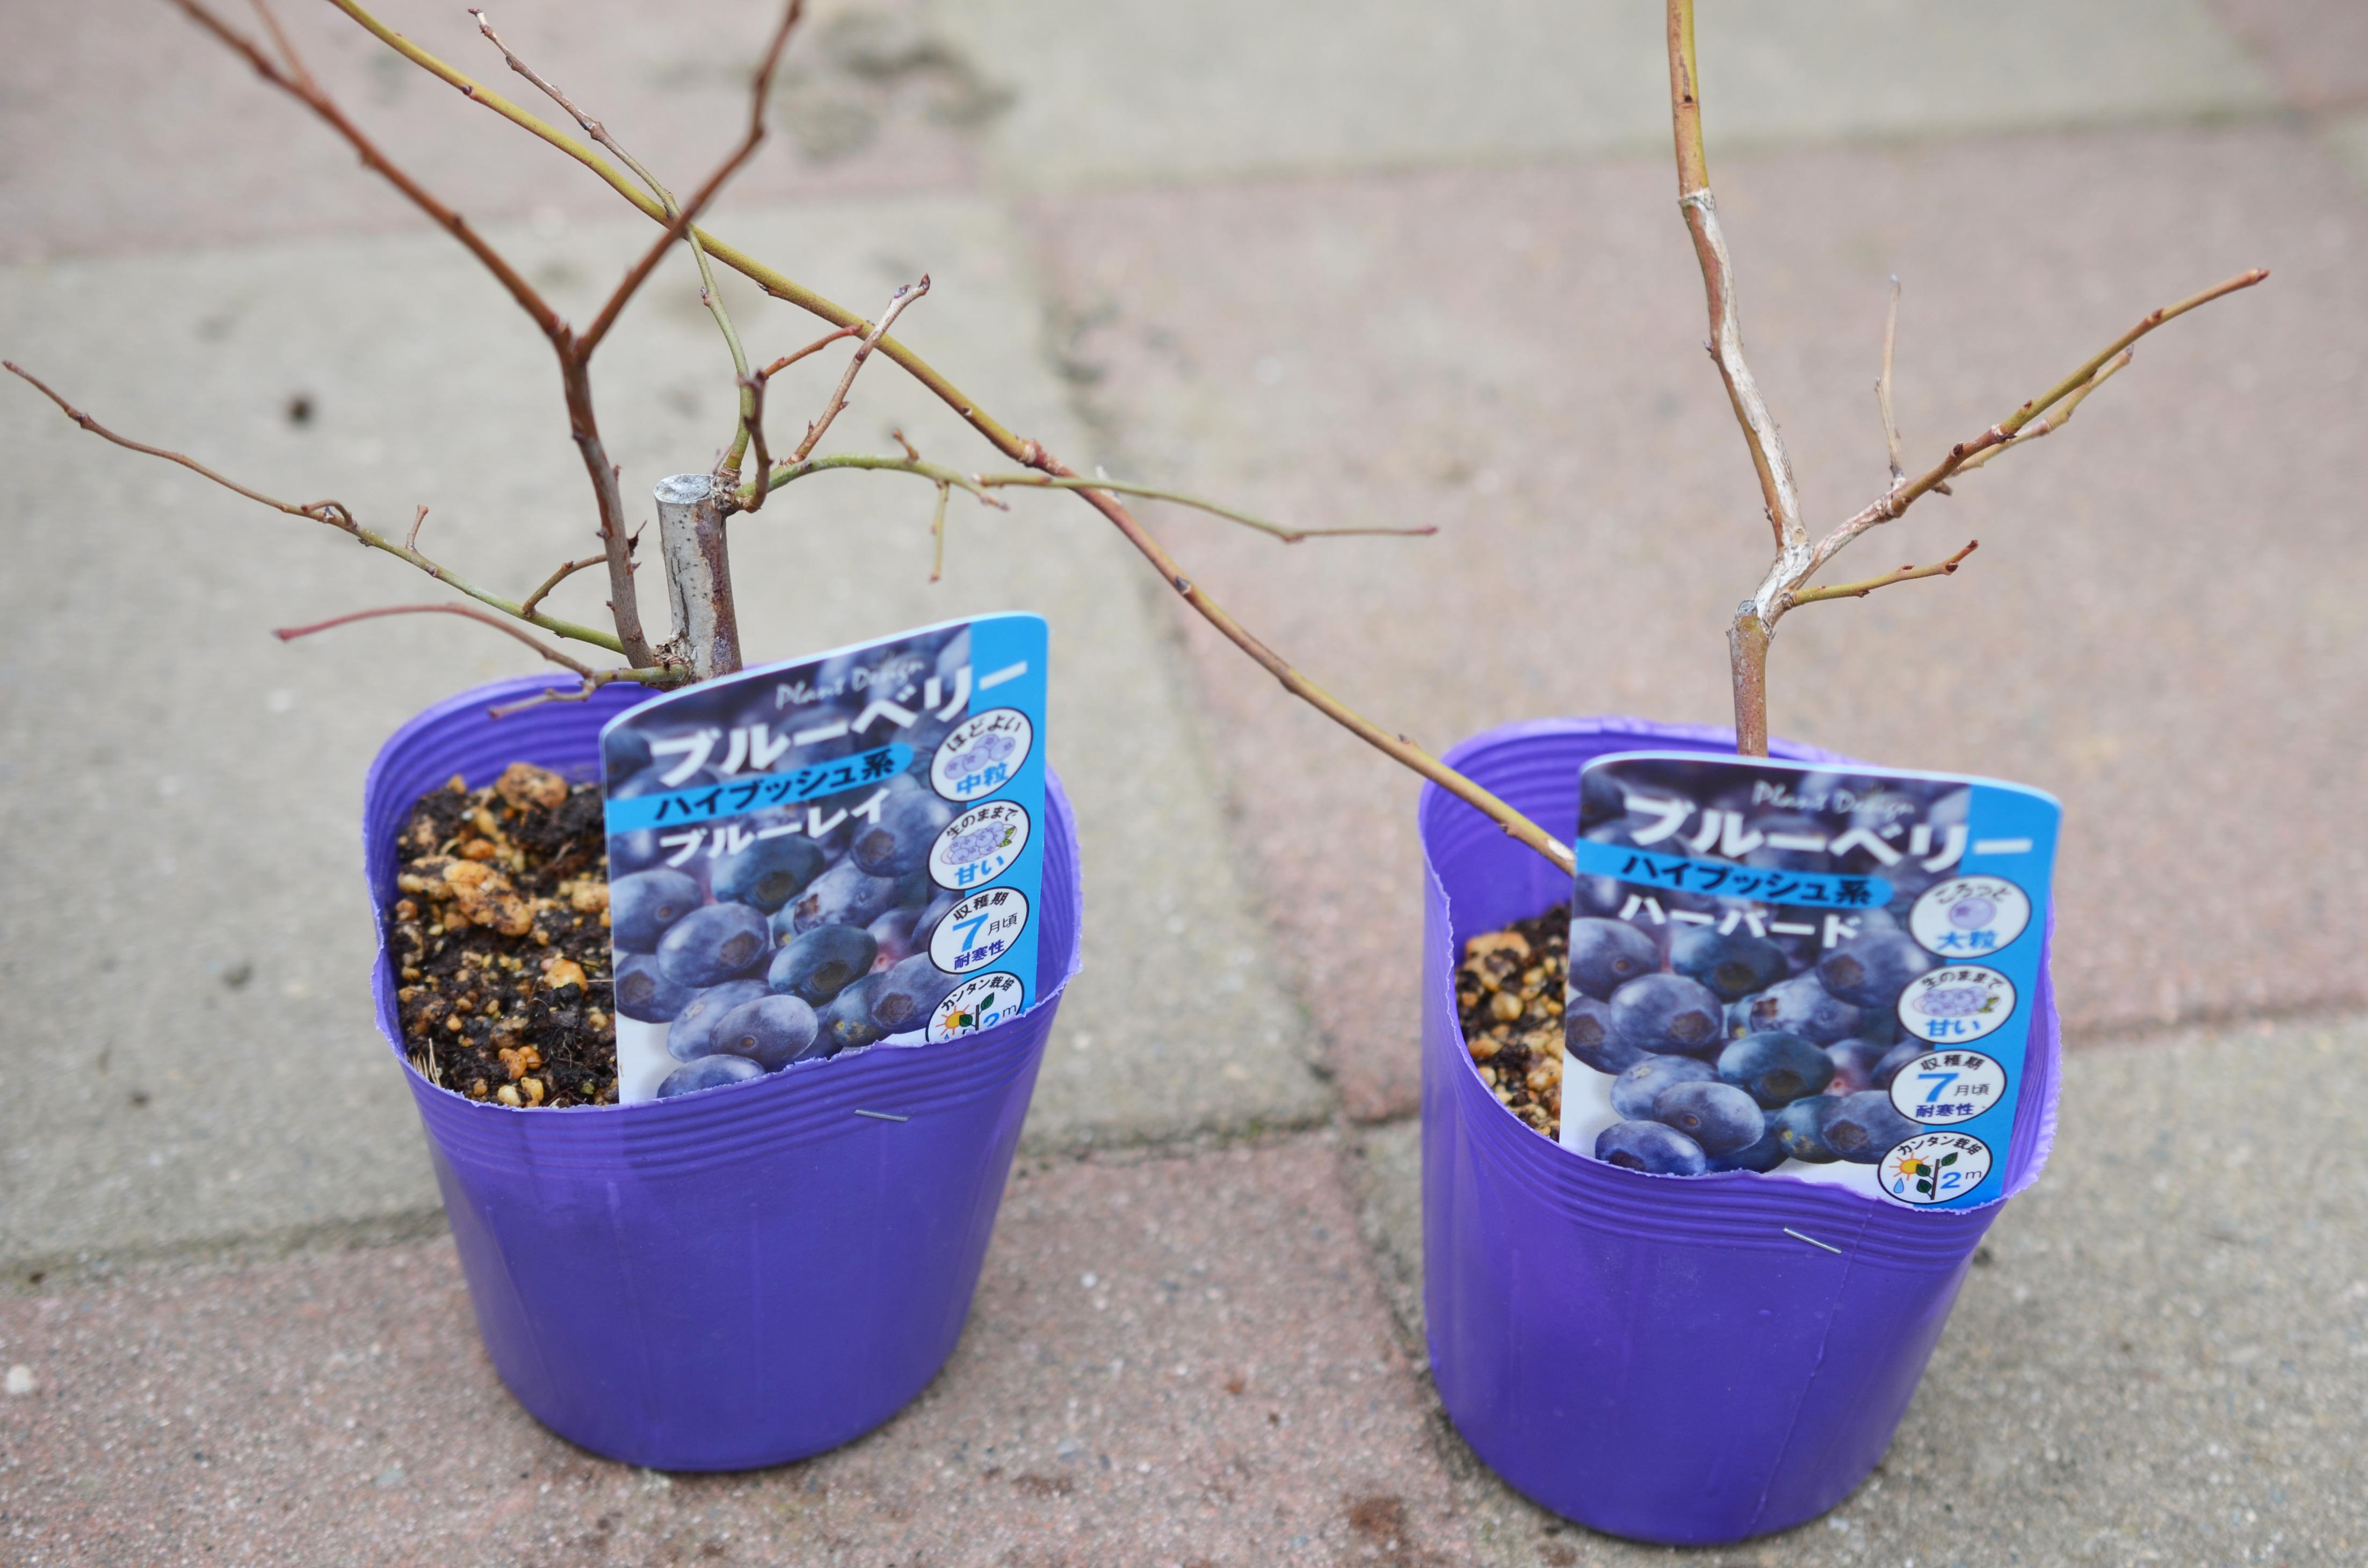 ブルーベリーの苗 ブルーベリーが受粉して実をつけるには同じ系統の中から二品種以上を選んで植え付けることがお約束なので、「ノーザンハイブッシュ系」の「ブルーレイ」と「ハーバード」という品種を選択。  準備するもの ・鉢 ・ピートモス ・鹿沼土 ・ブルーベリー用肥料  割と土壌への適応力が高い「ラビットアイ系」に比べ、「ノーザンハイブッシュ系」は土を選ぶようです。ここはしっかり基本通りに土を作ってあげて鉢植えで管理したいところです。